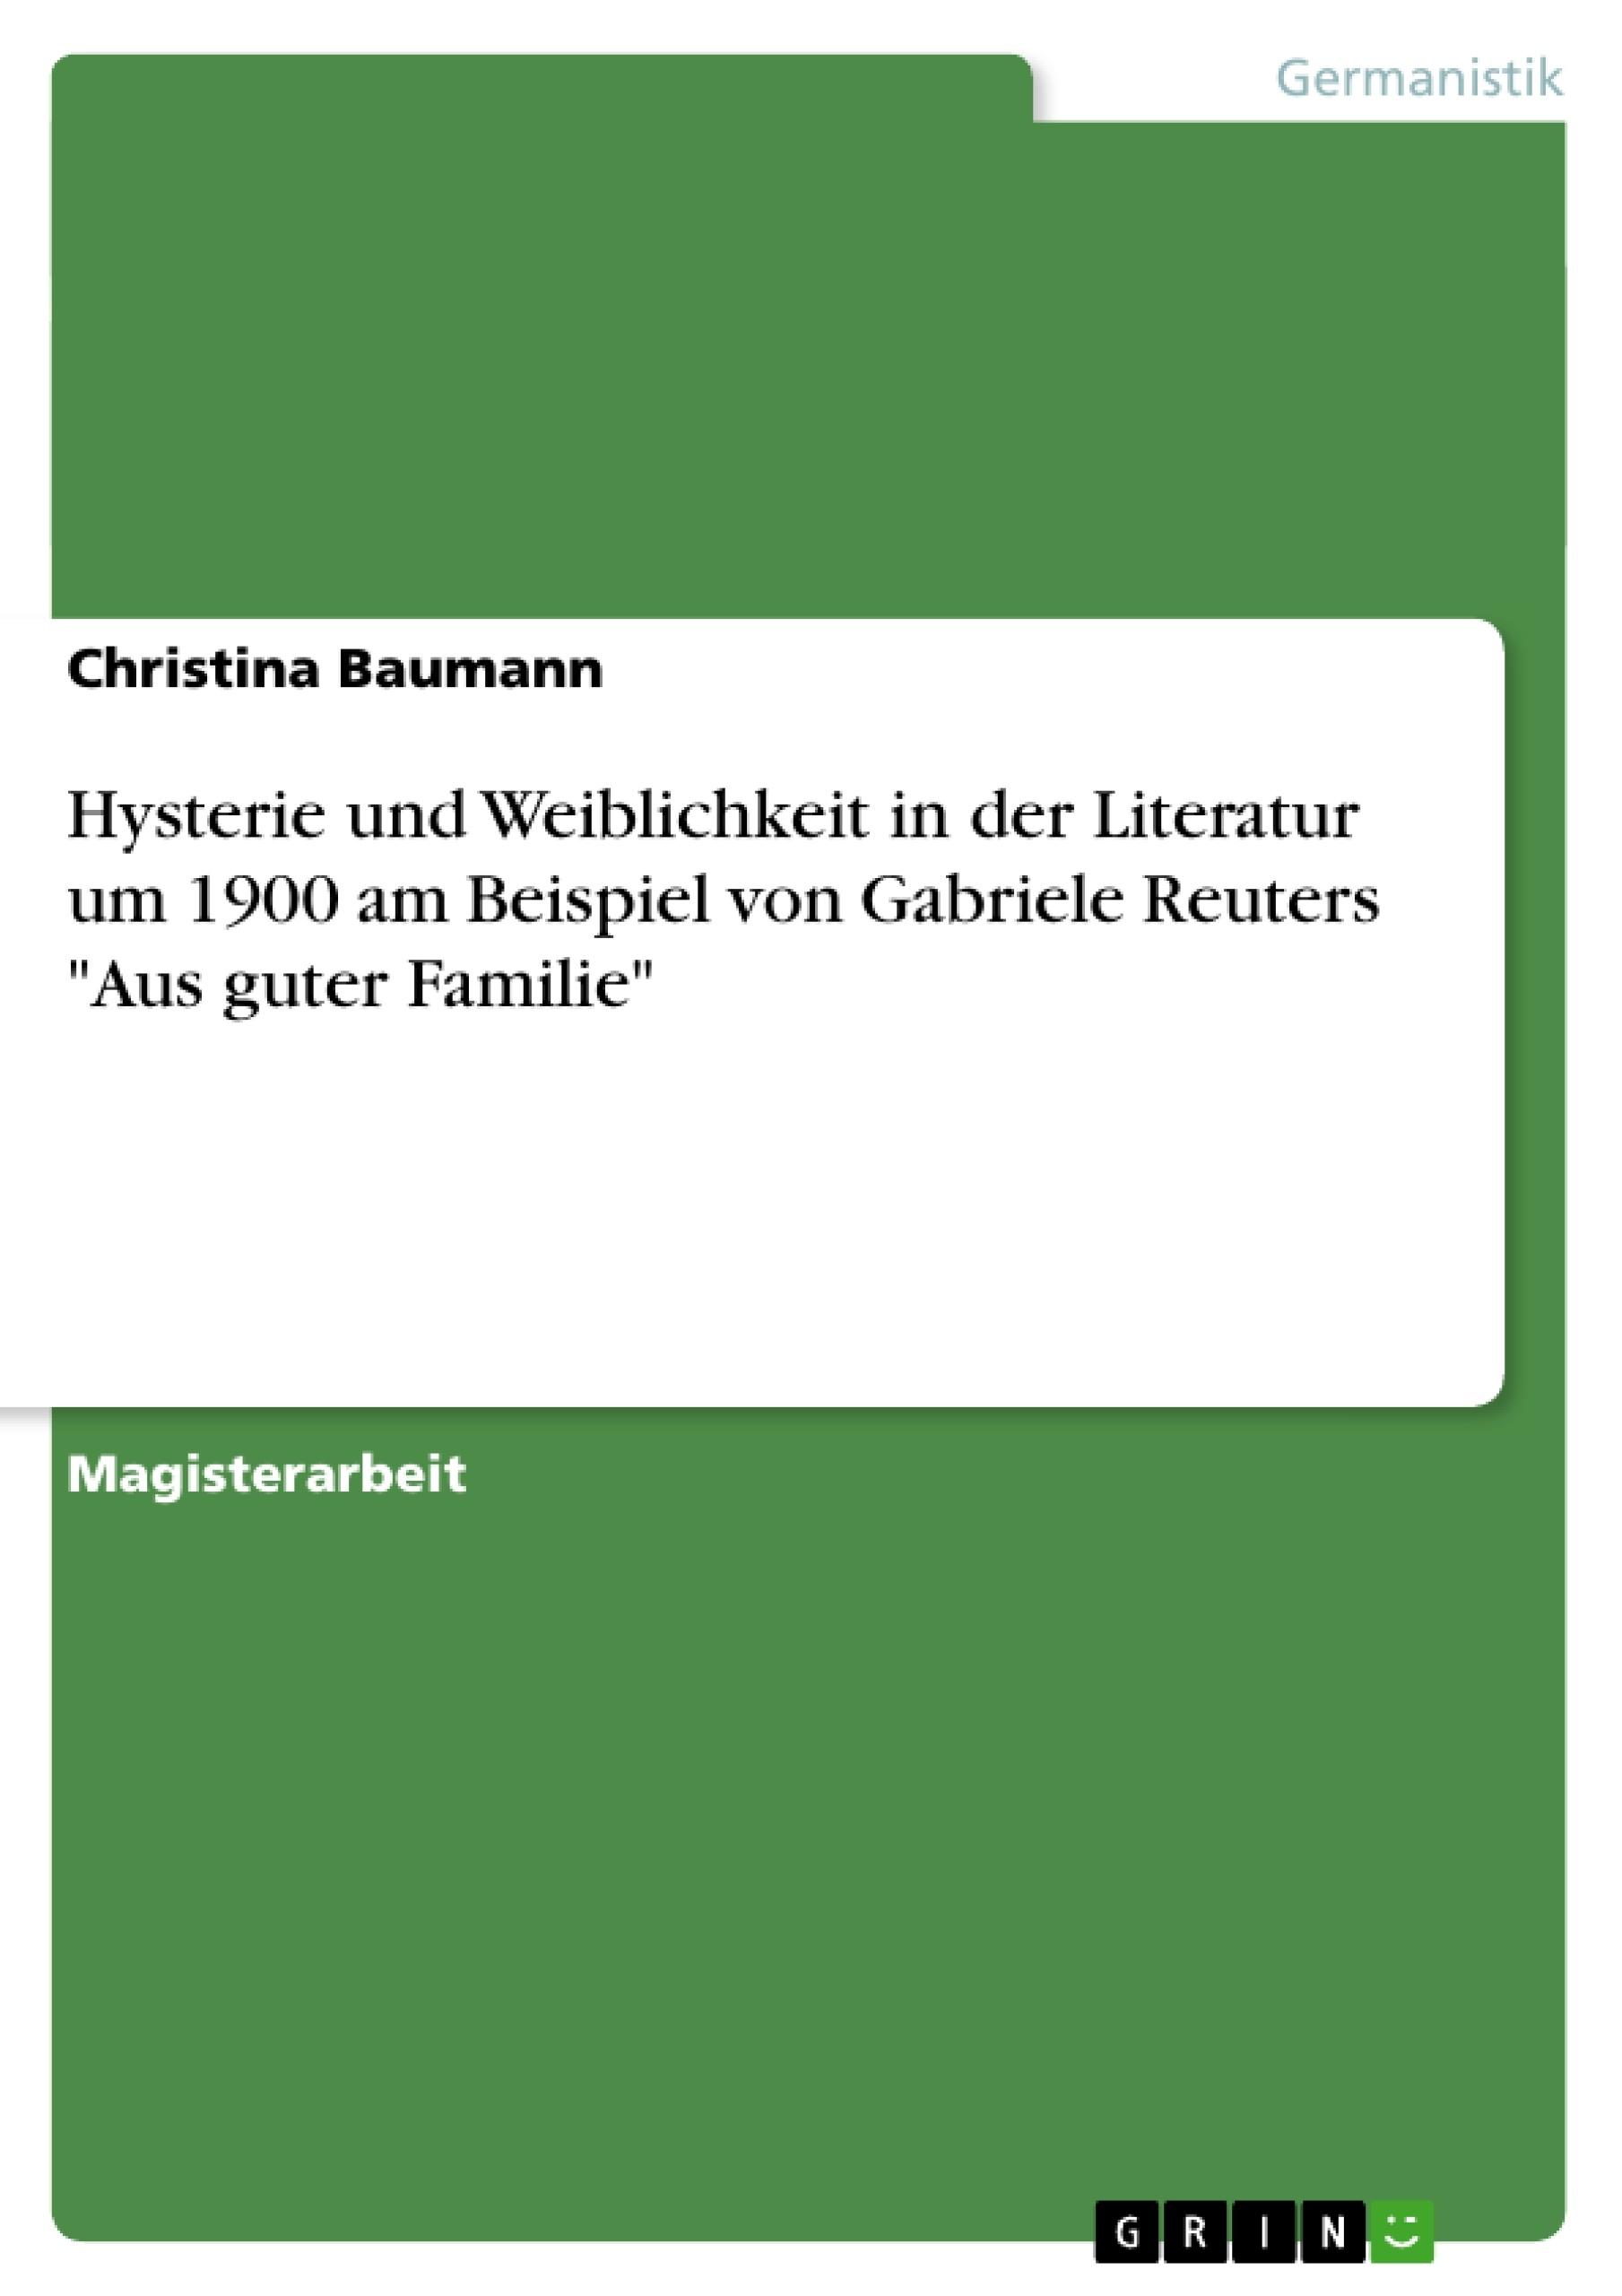 """Titel: Hysterie und Weiblichkeit in der Literatur um 1900 am Beispiel von Gabriele Reuters """"Aus guter Familie"""""""